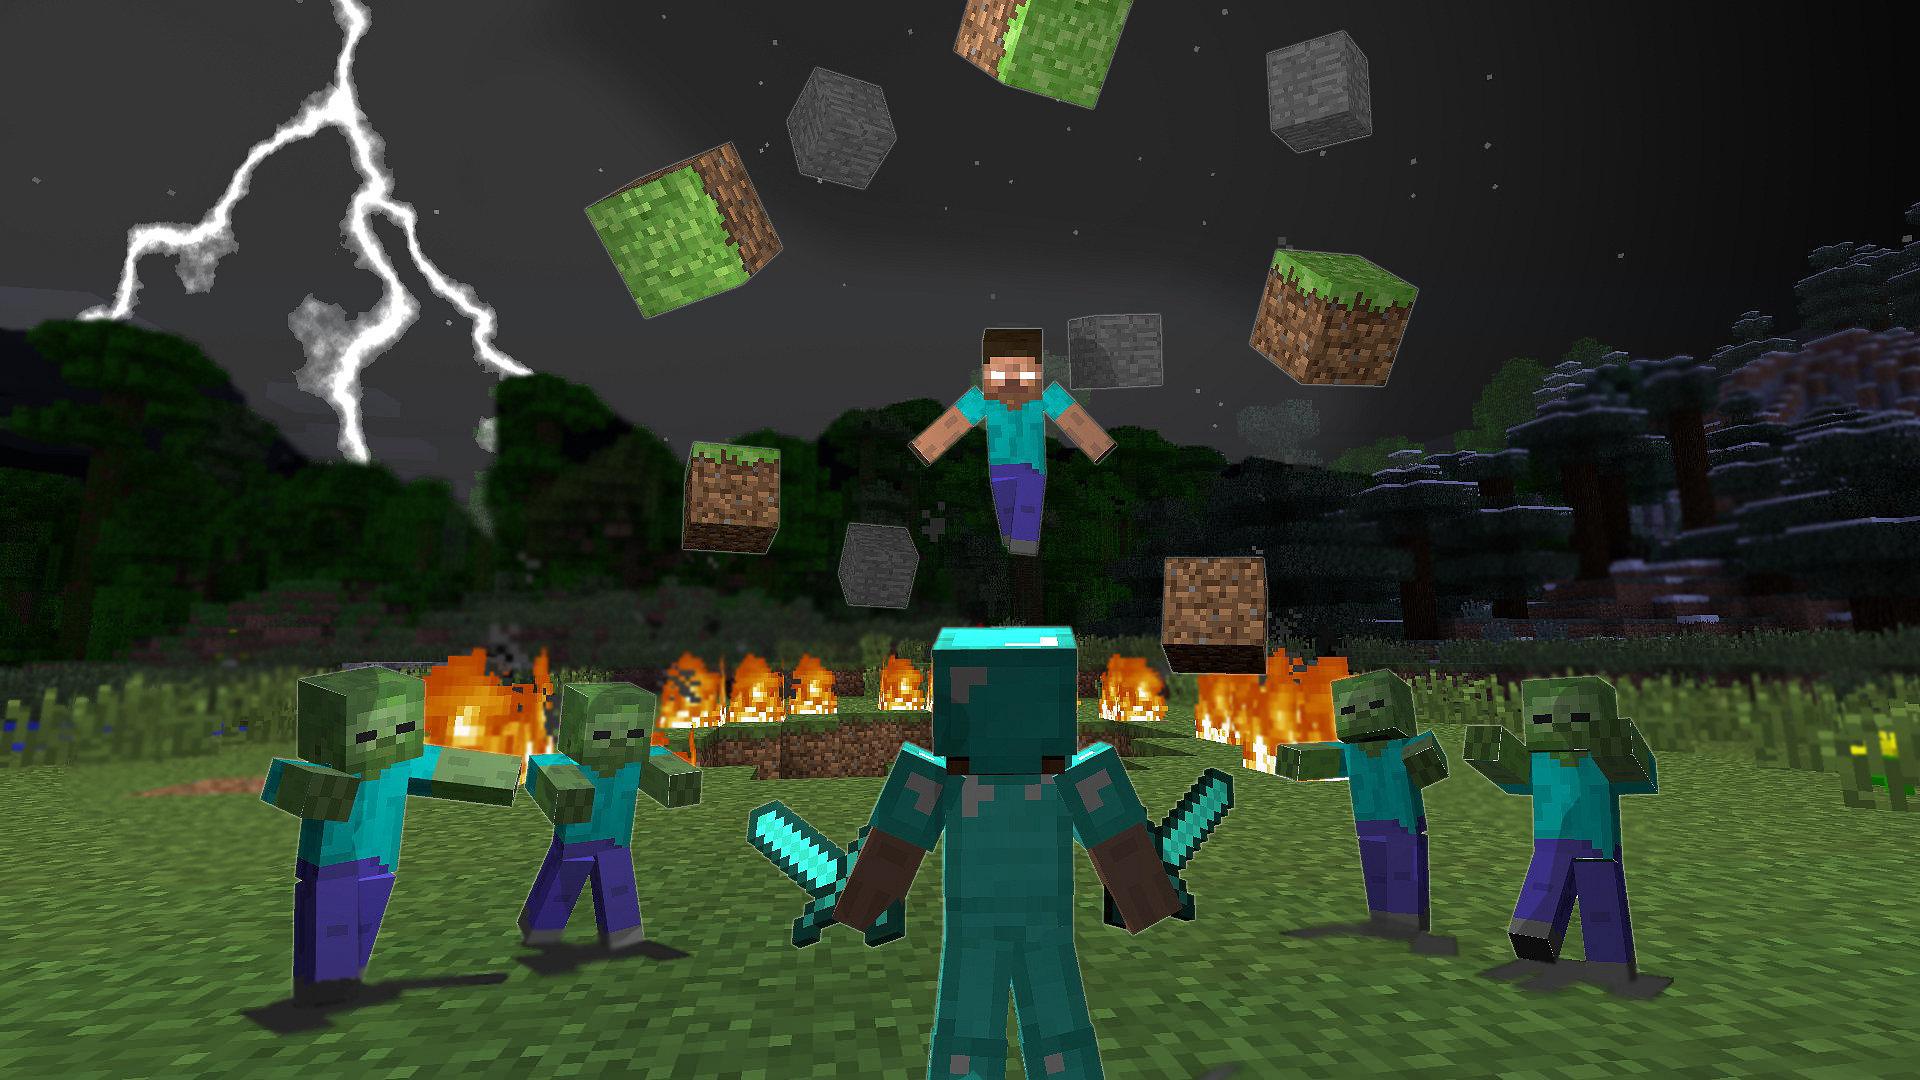 Minecraft Premium лицензионный аккаунт только лаунчер